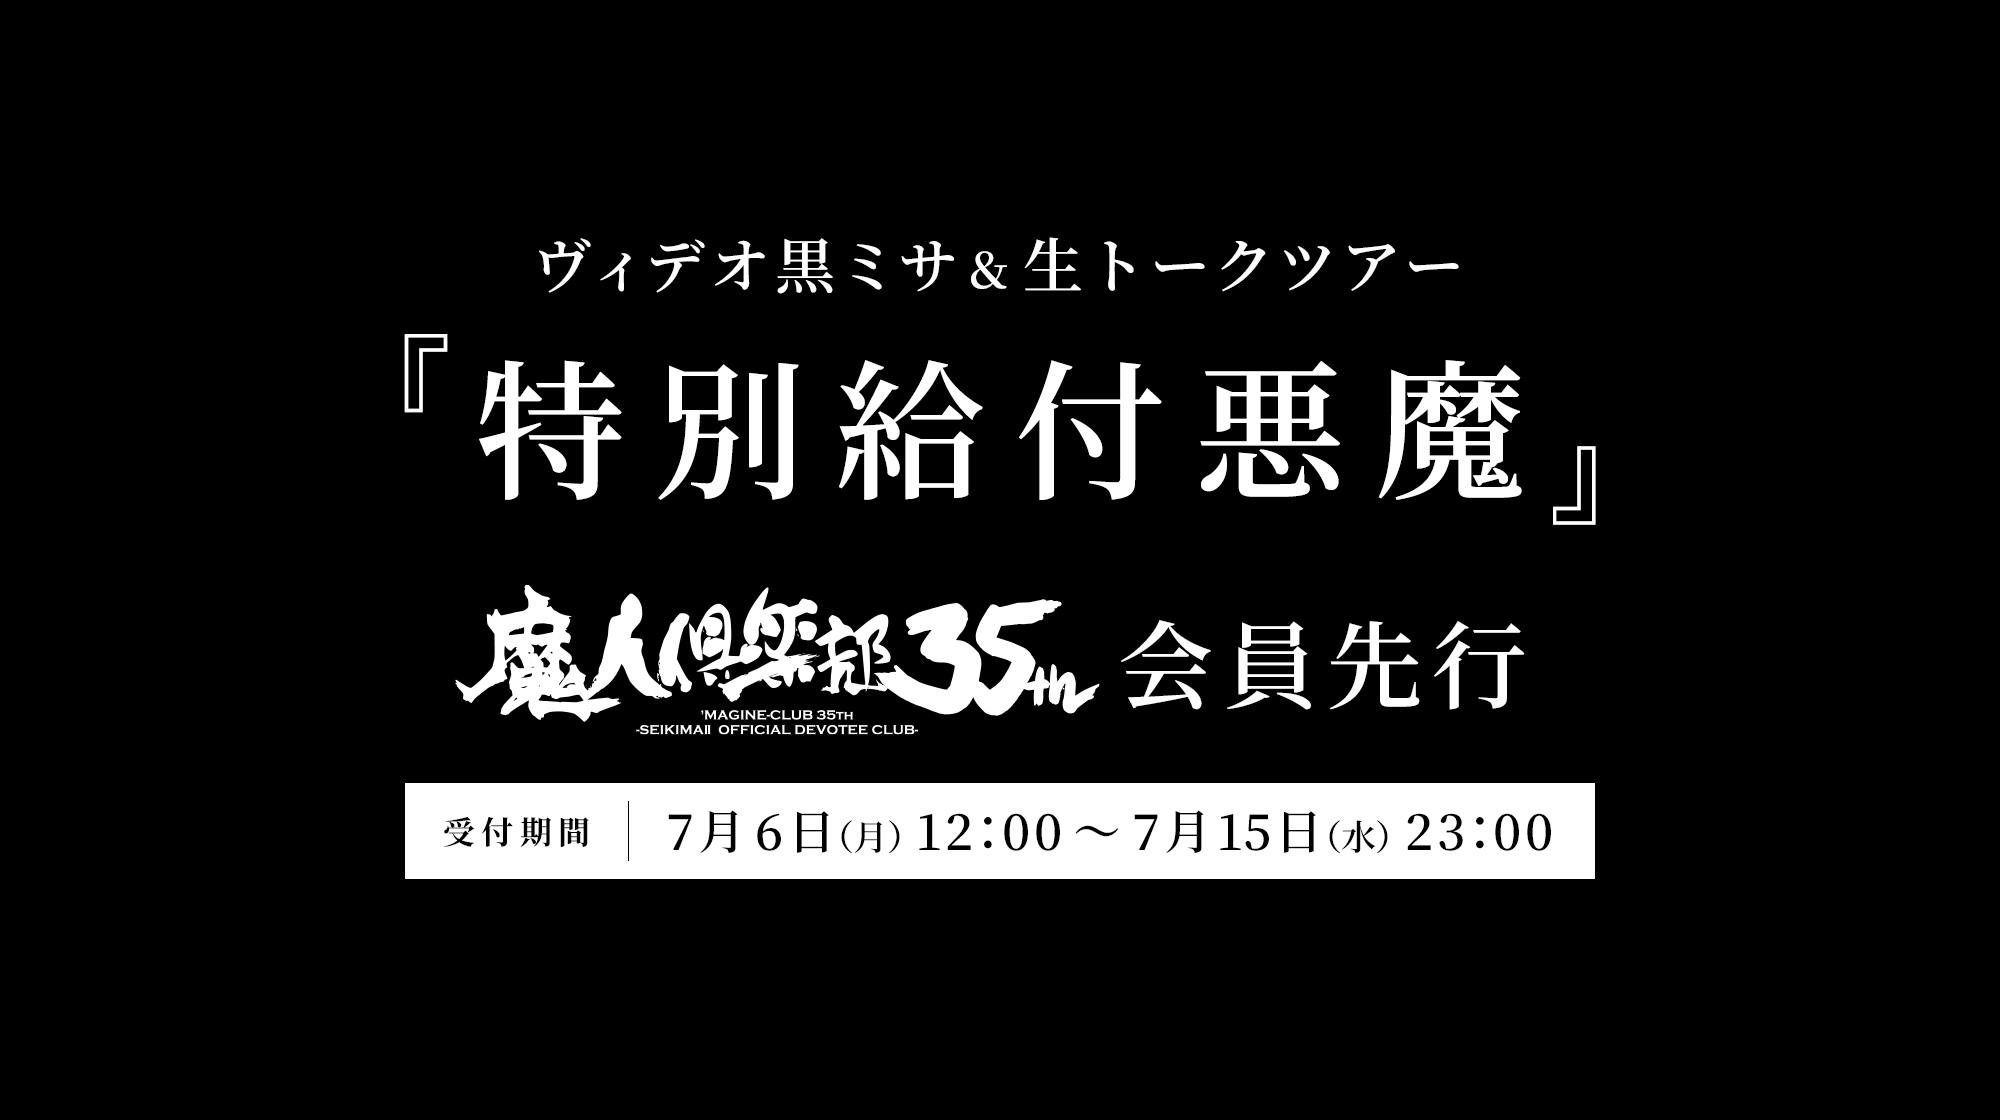 魔人倶楽部35th 先行販売